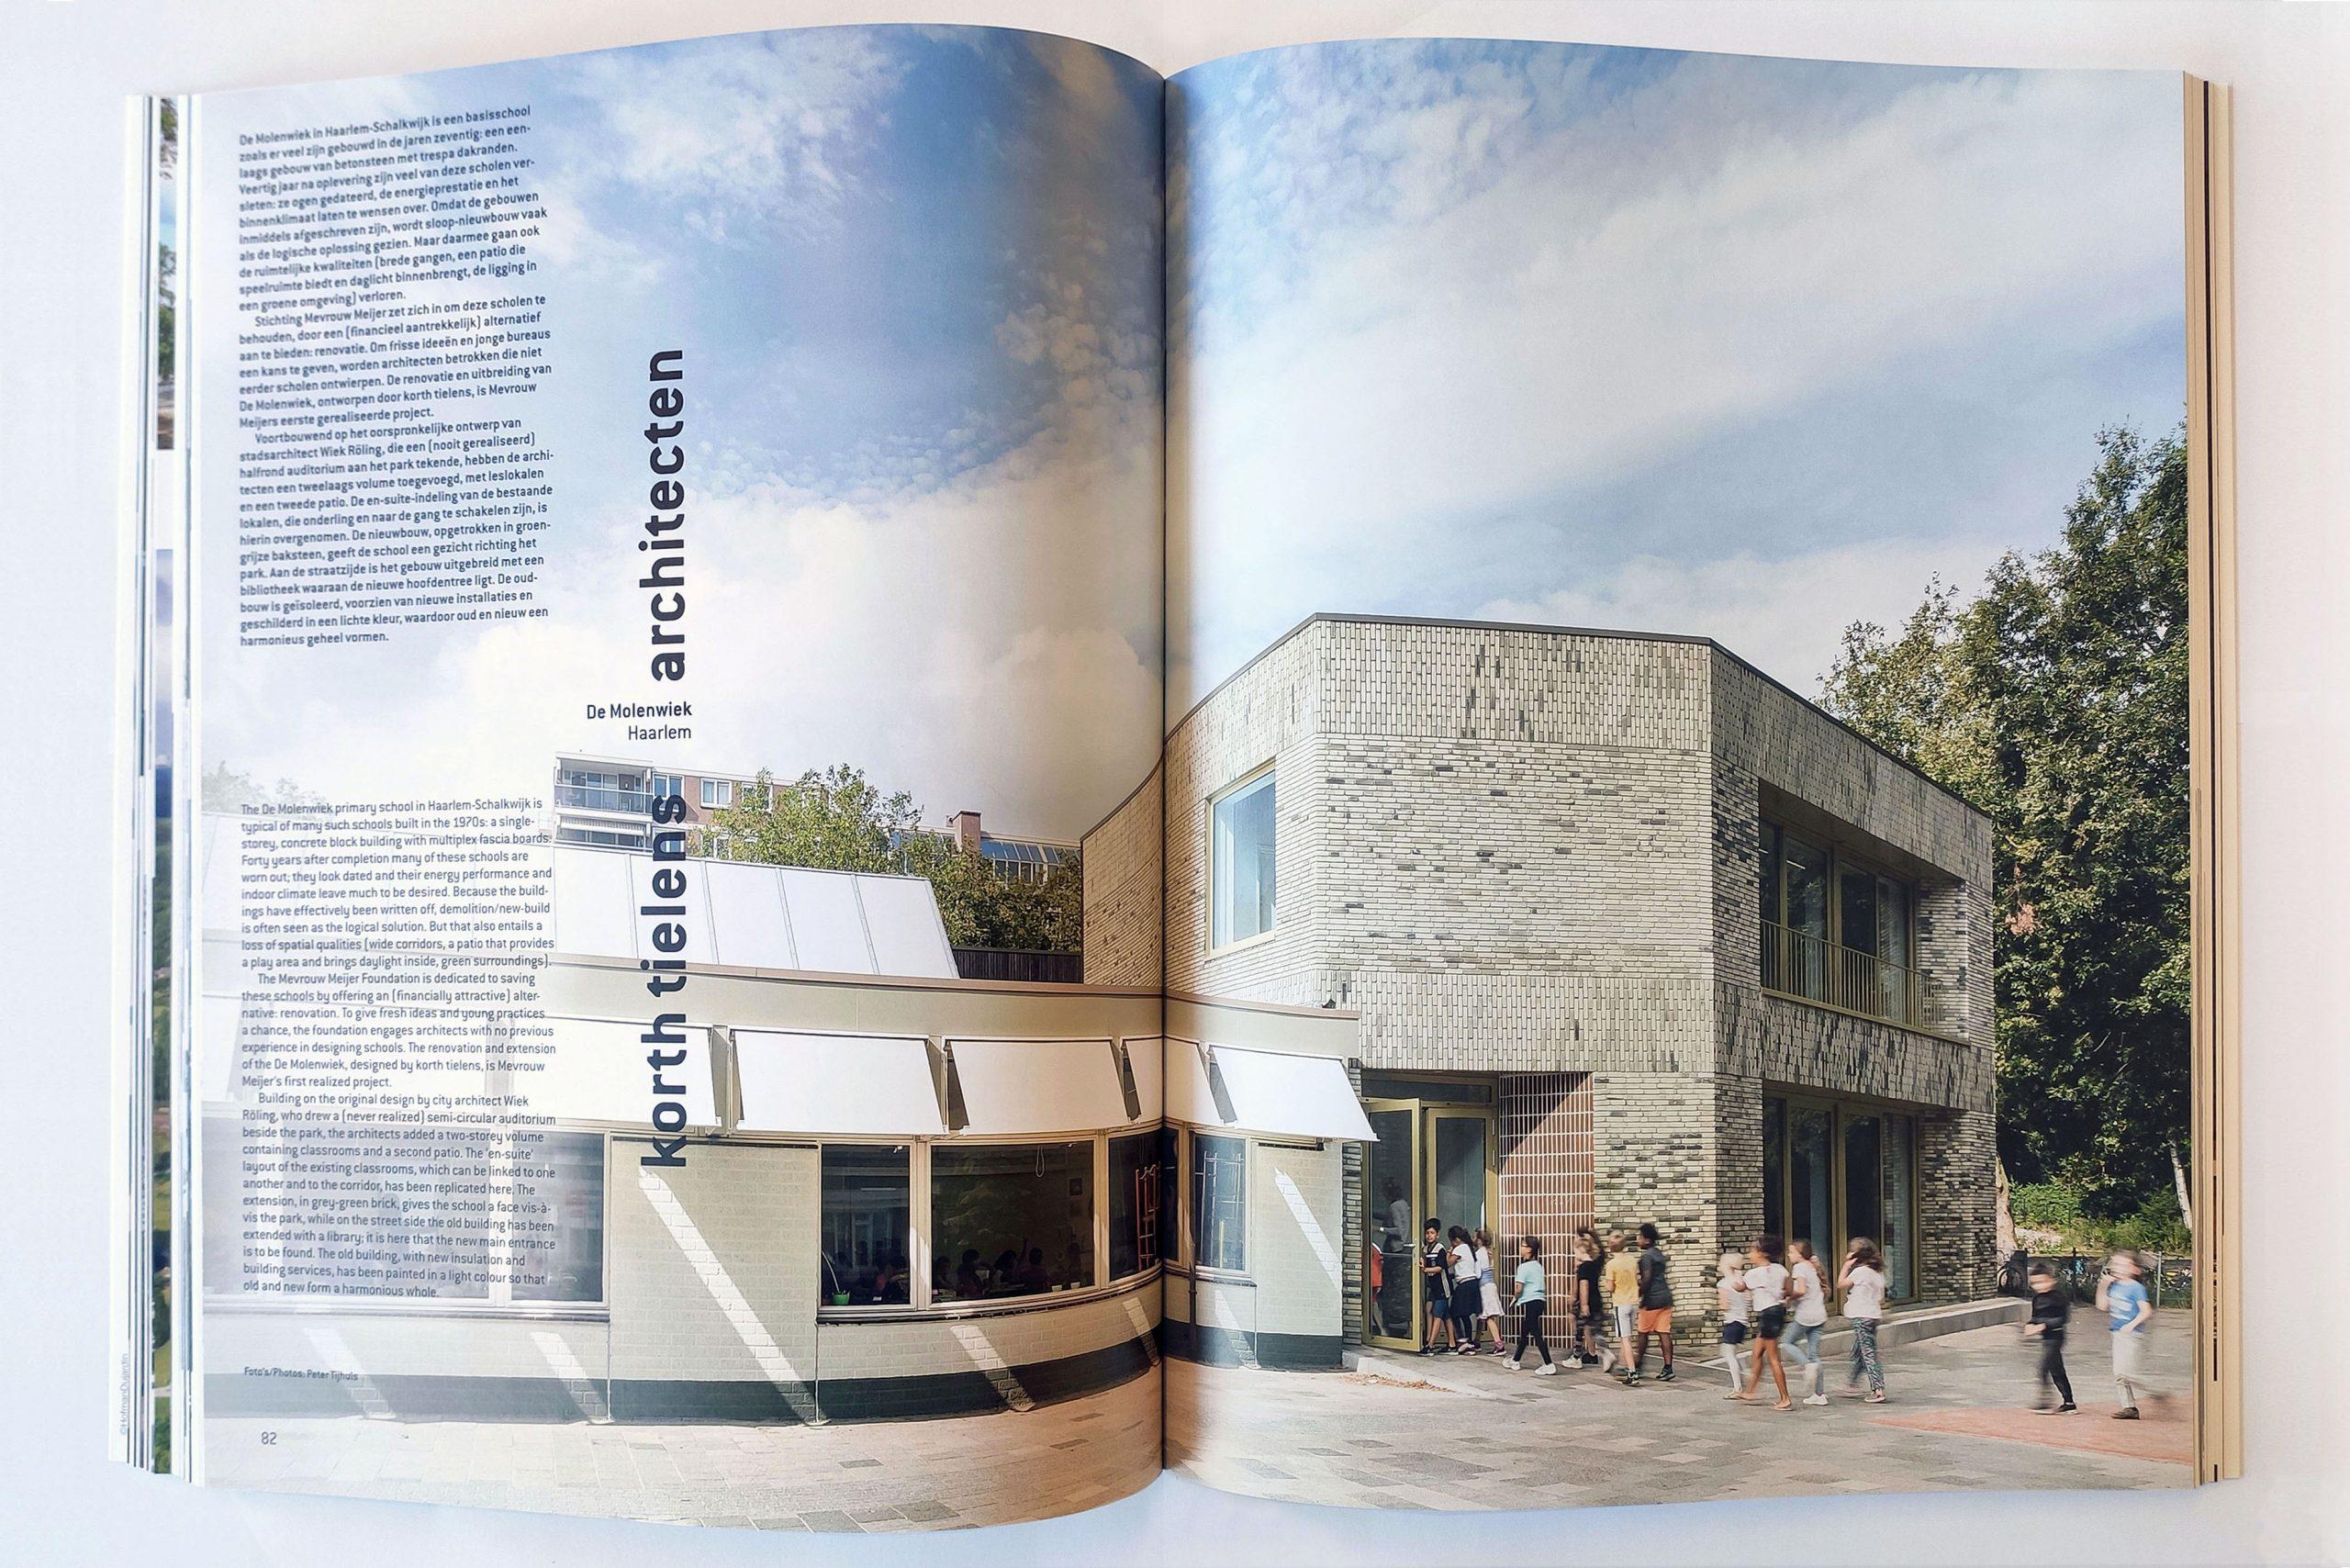 Molenwiek in Yearbook Architecture 2019/2020